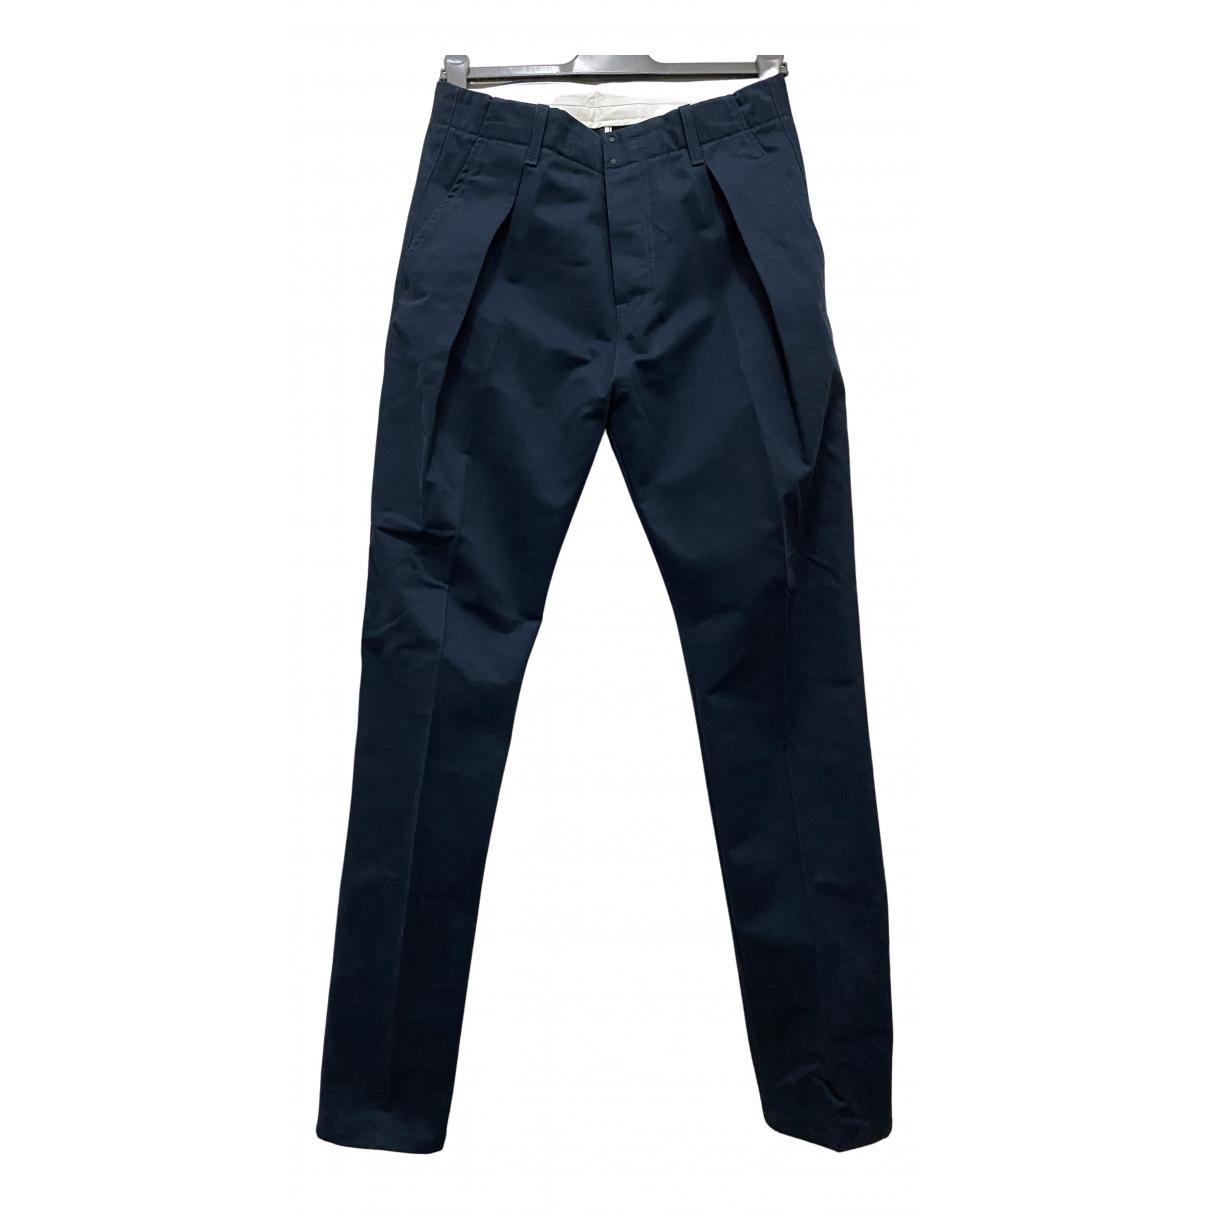 Pantalones en Algodon Azul Andrea Pompilio